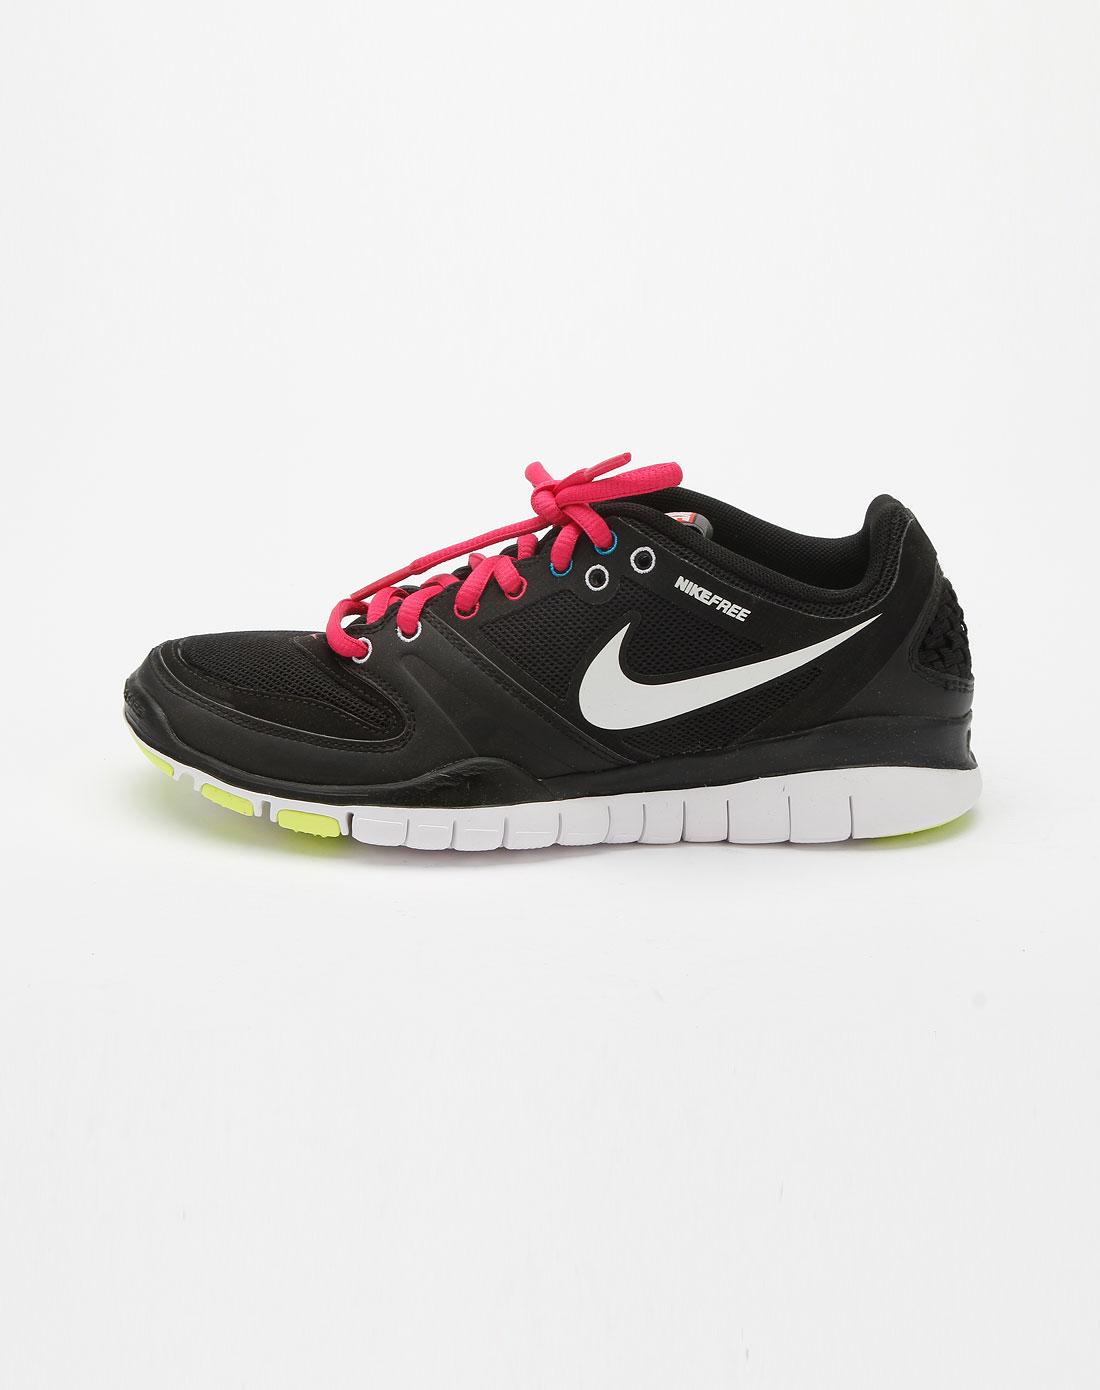 耐克nike黑色时尚运动鞋396106-012